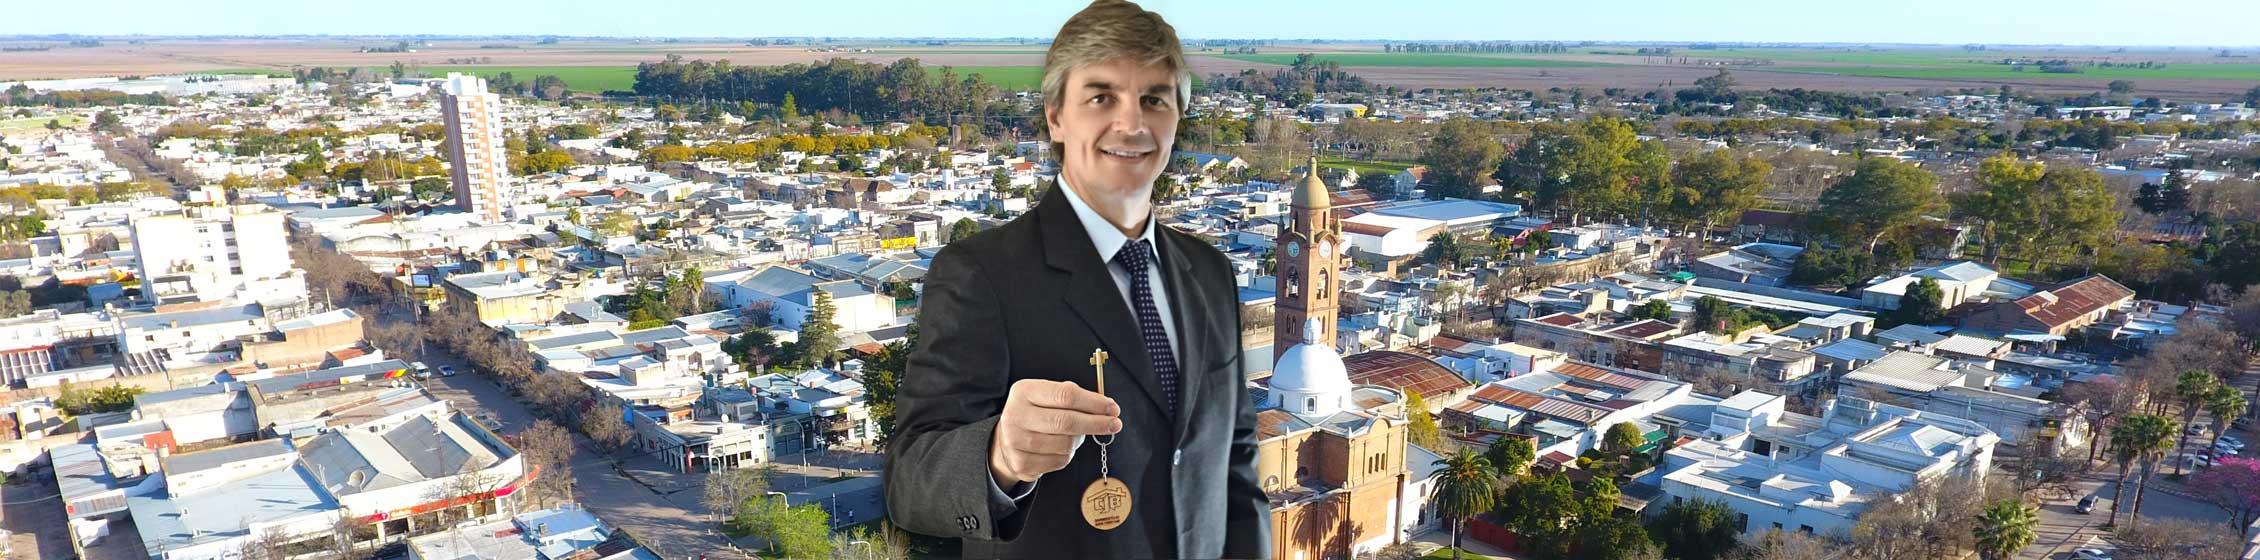 Cristian Balbo Inmobiliaria